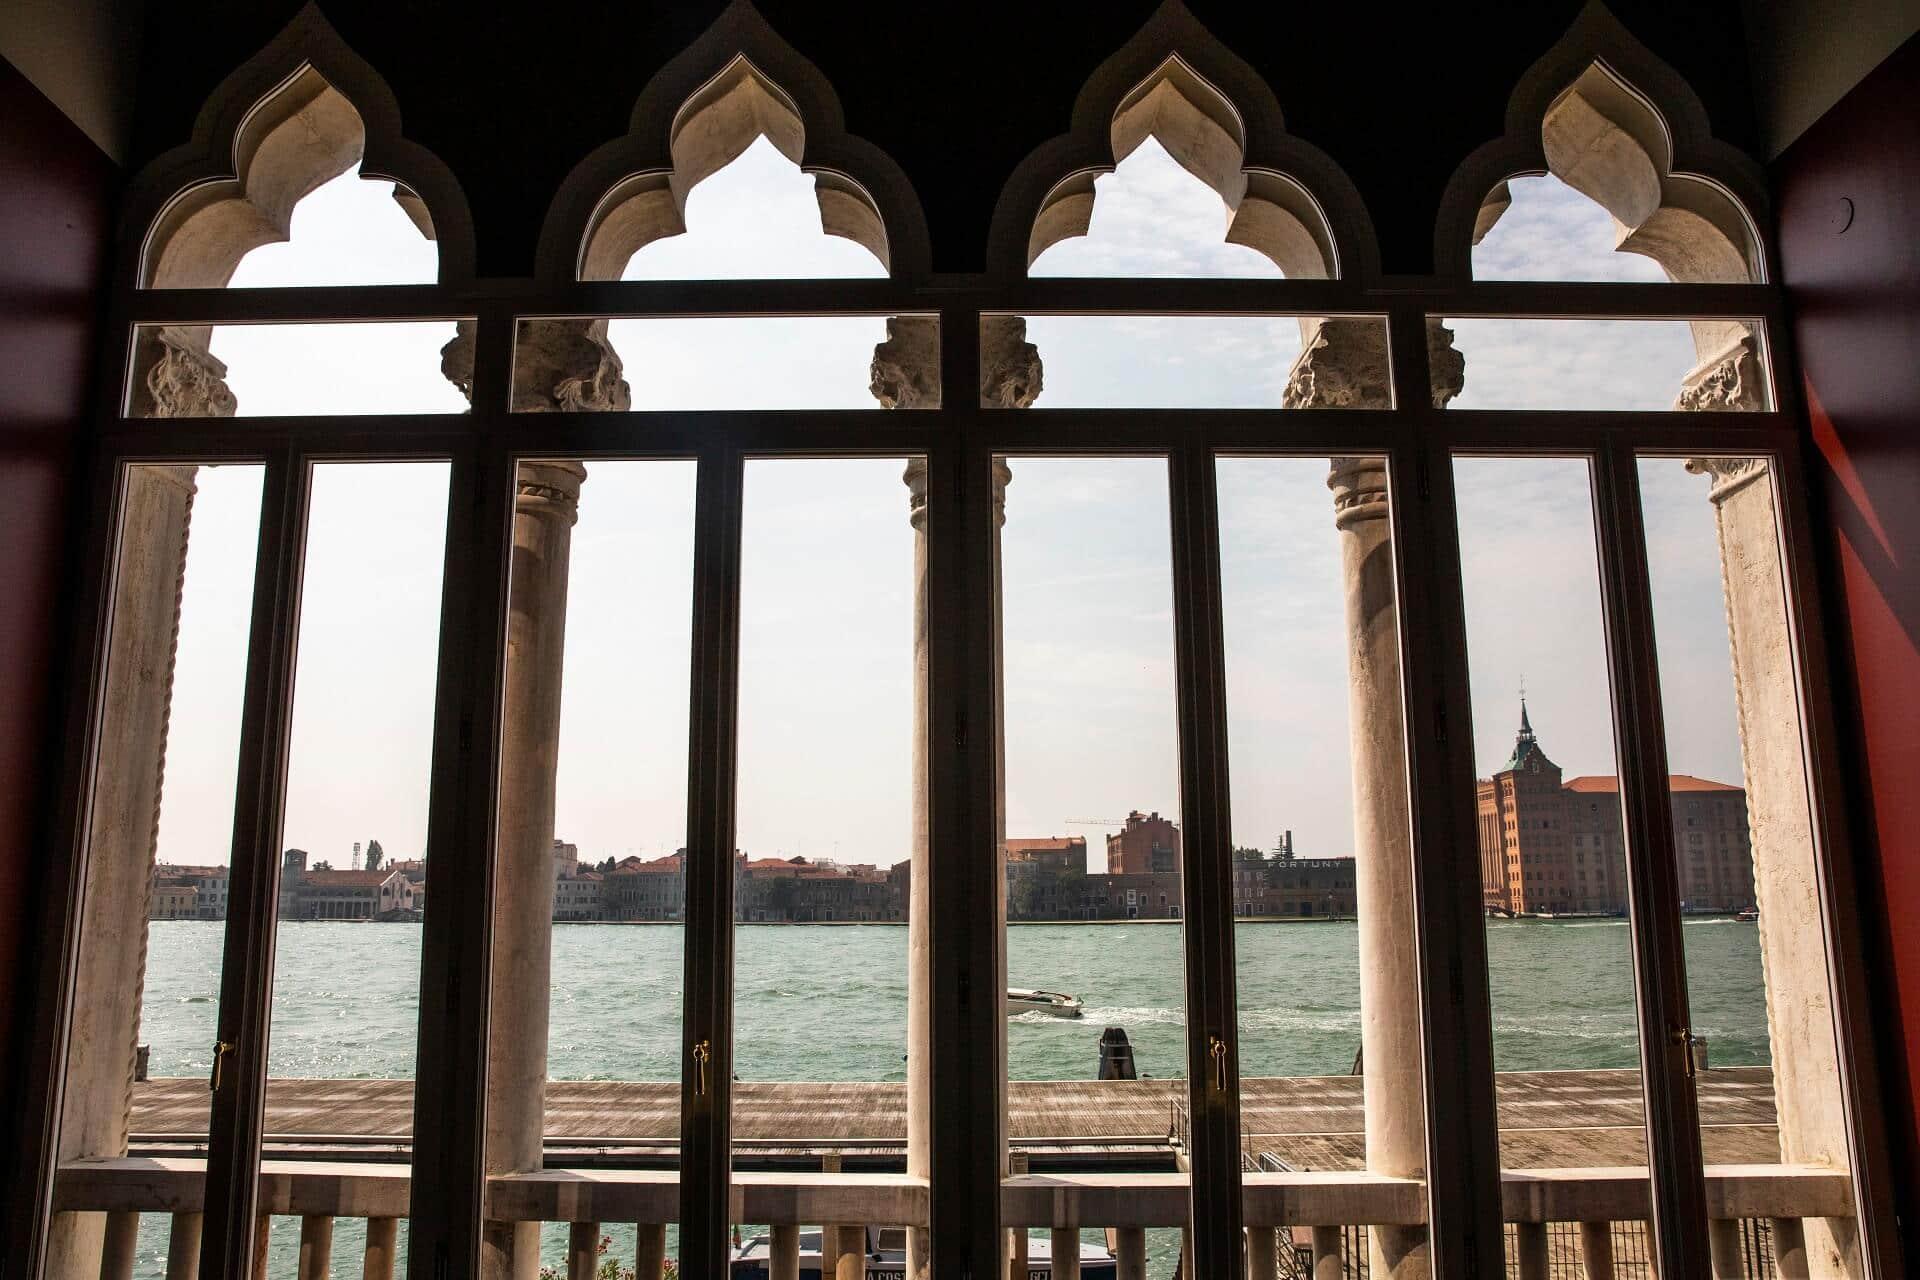 windows il palazzo experimental venice